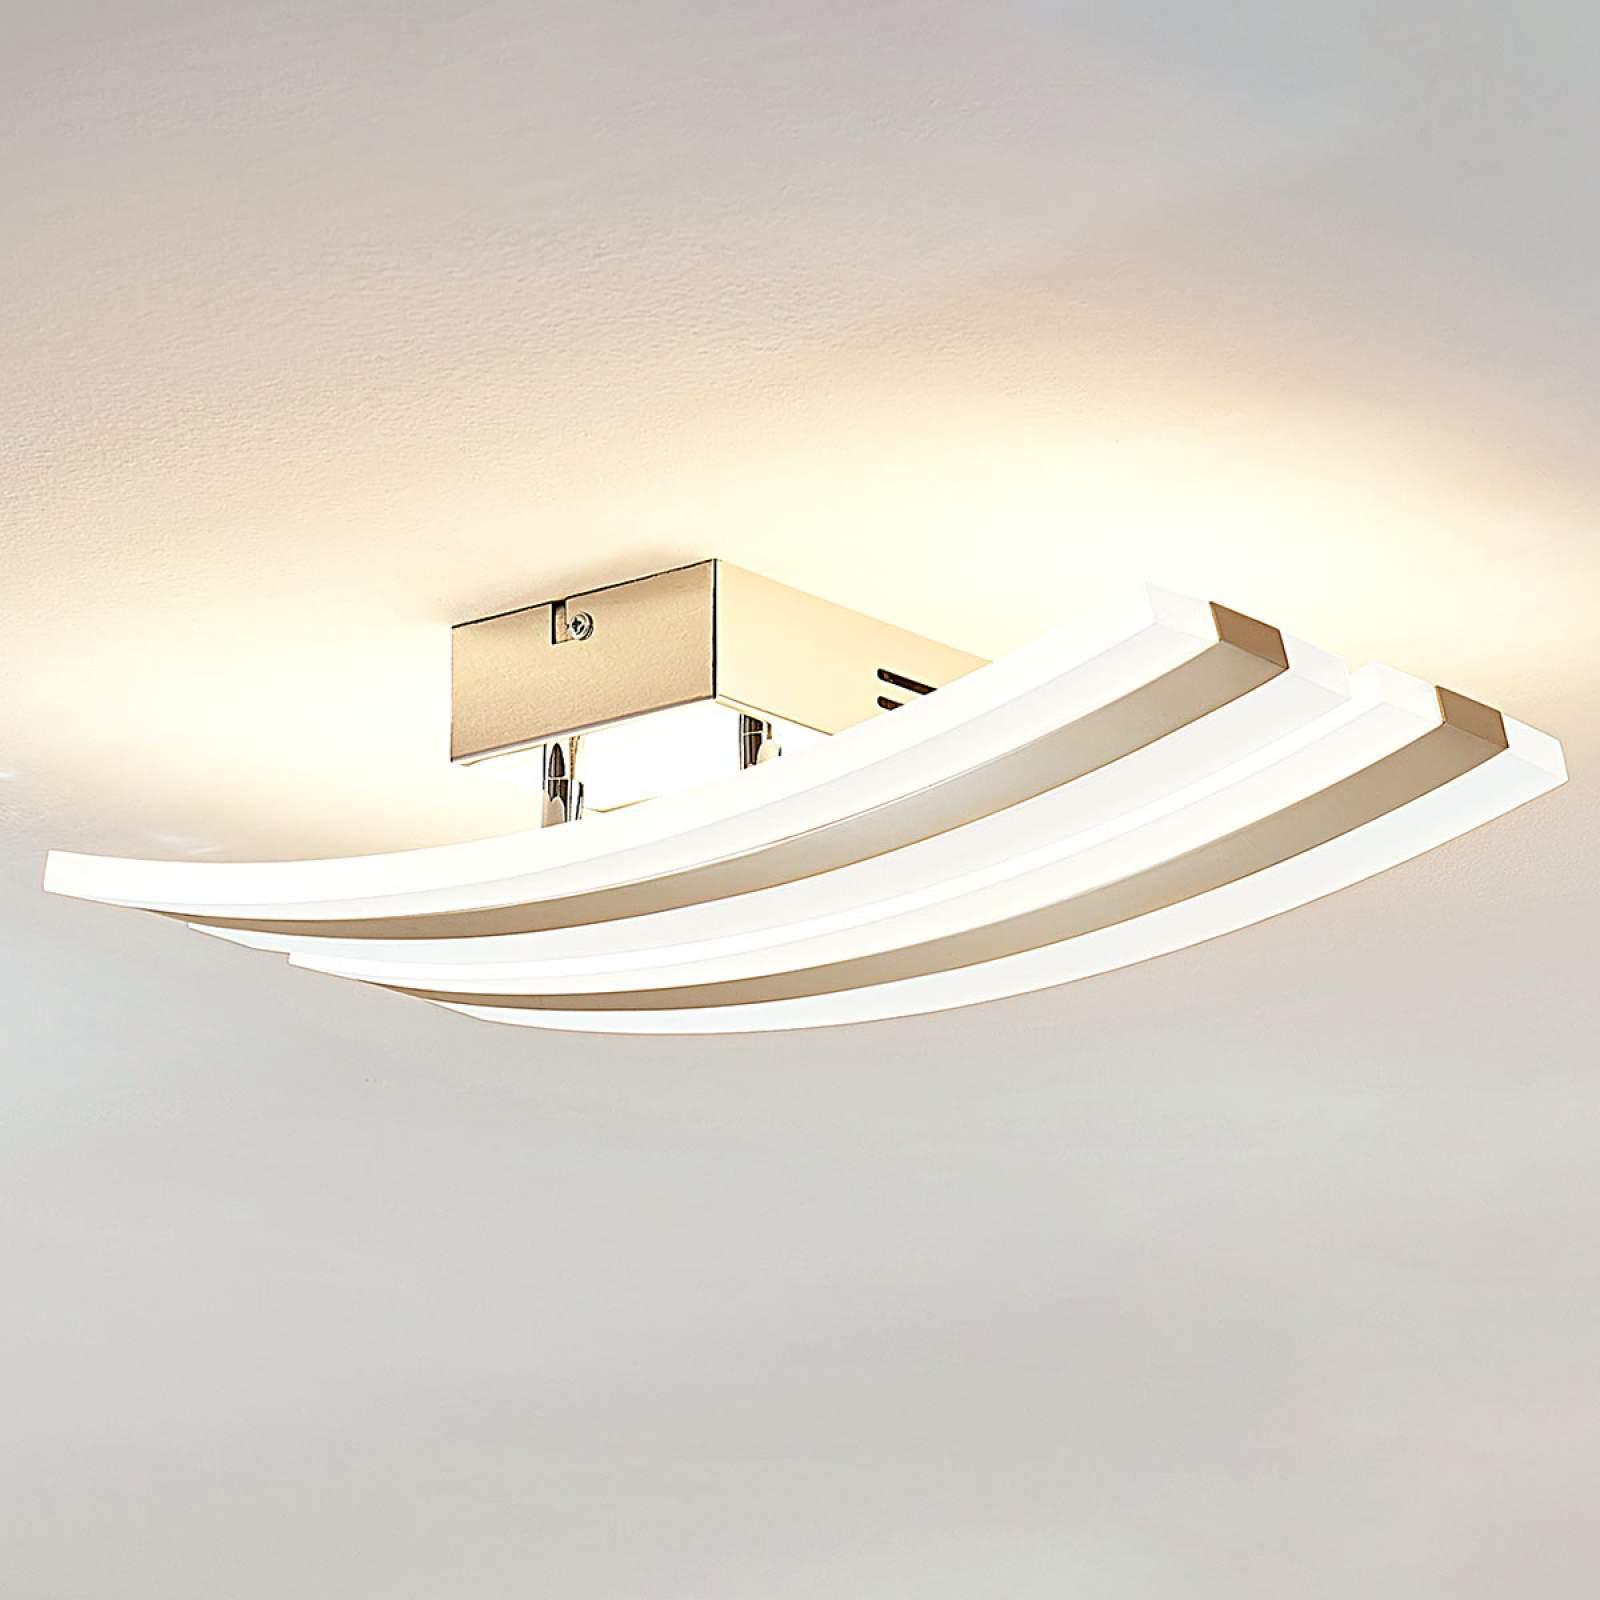 Full Size of Deckenlampe Led Dimmbar Obi Farbwechsel Deckenlampen Wohnzimmer Deckenleuchte Rund 100 Cm Test Fernbedienung Bauhaus Flach Anlernen Amazon Lampenweltcom Duarte Wohnzimmer Deckenlampe Led Dimmbar